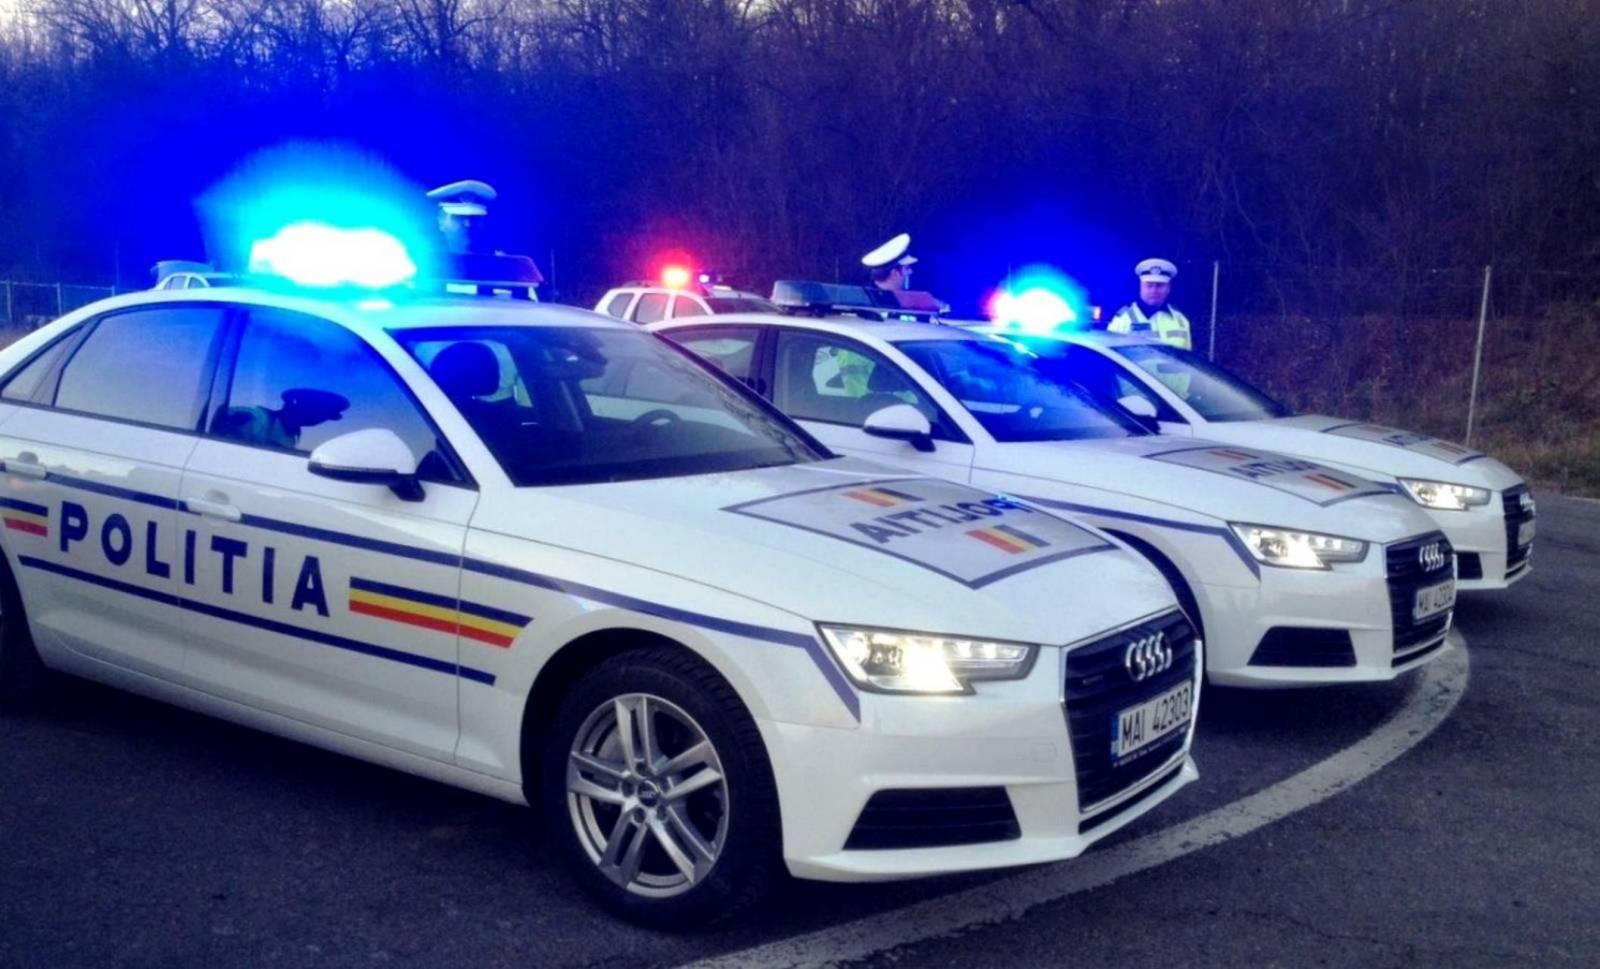 Politia Romana atentionare cauciucuri lumini intampinare